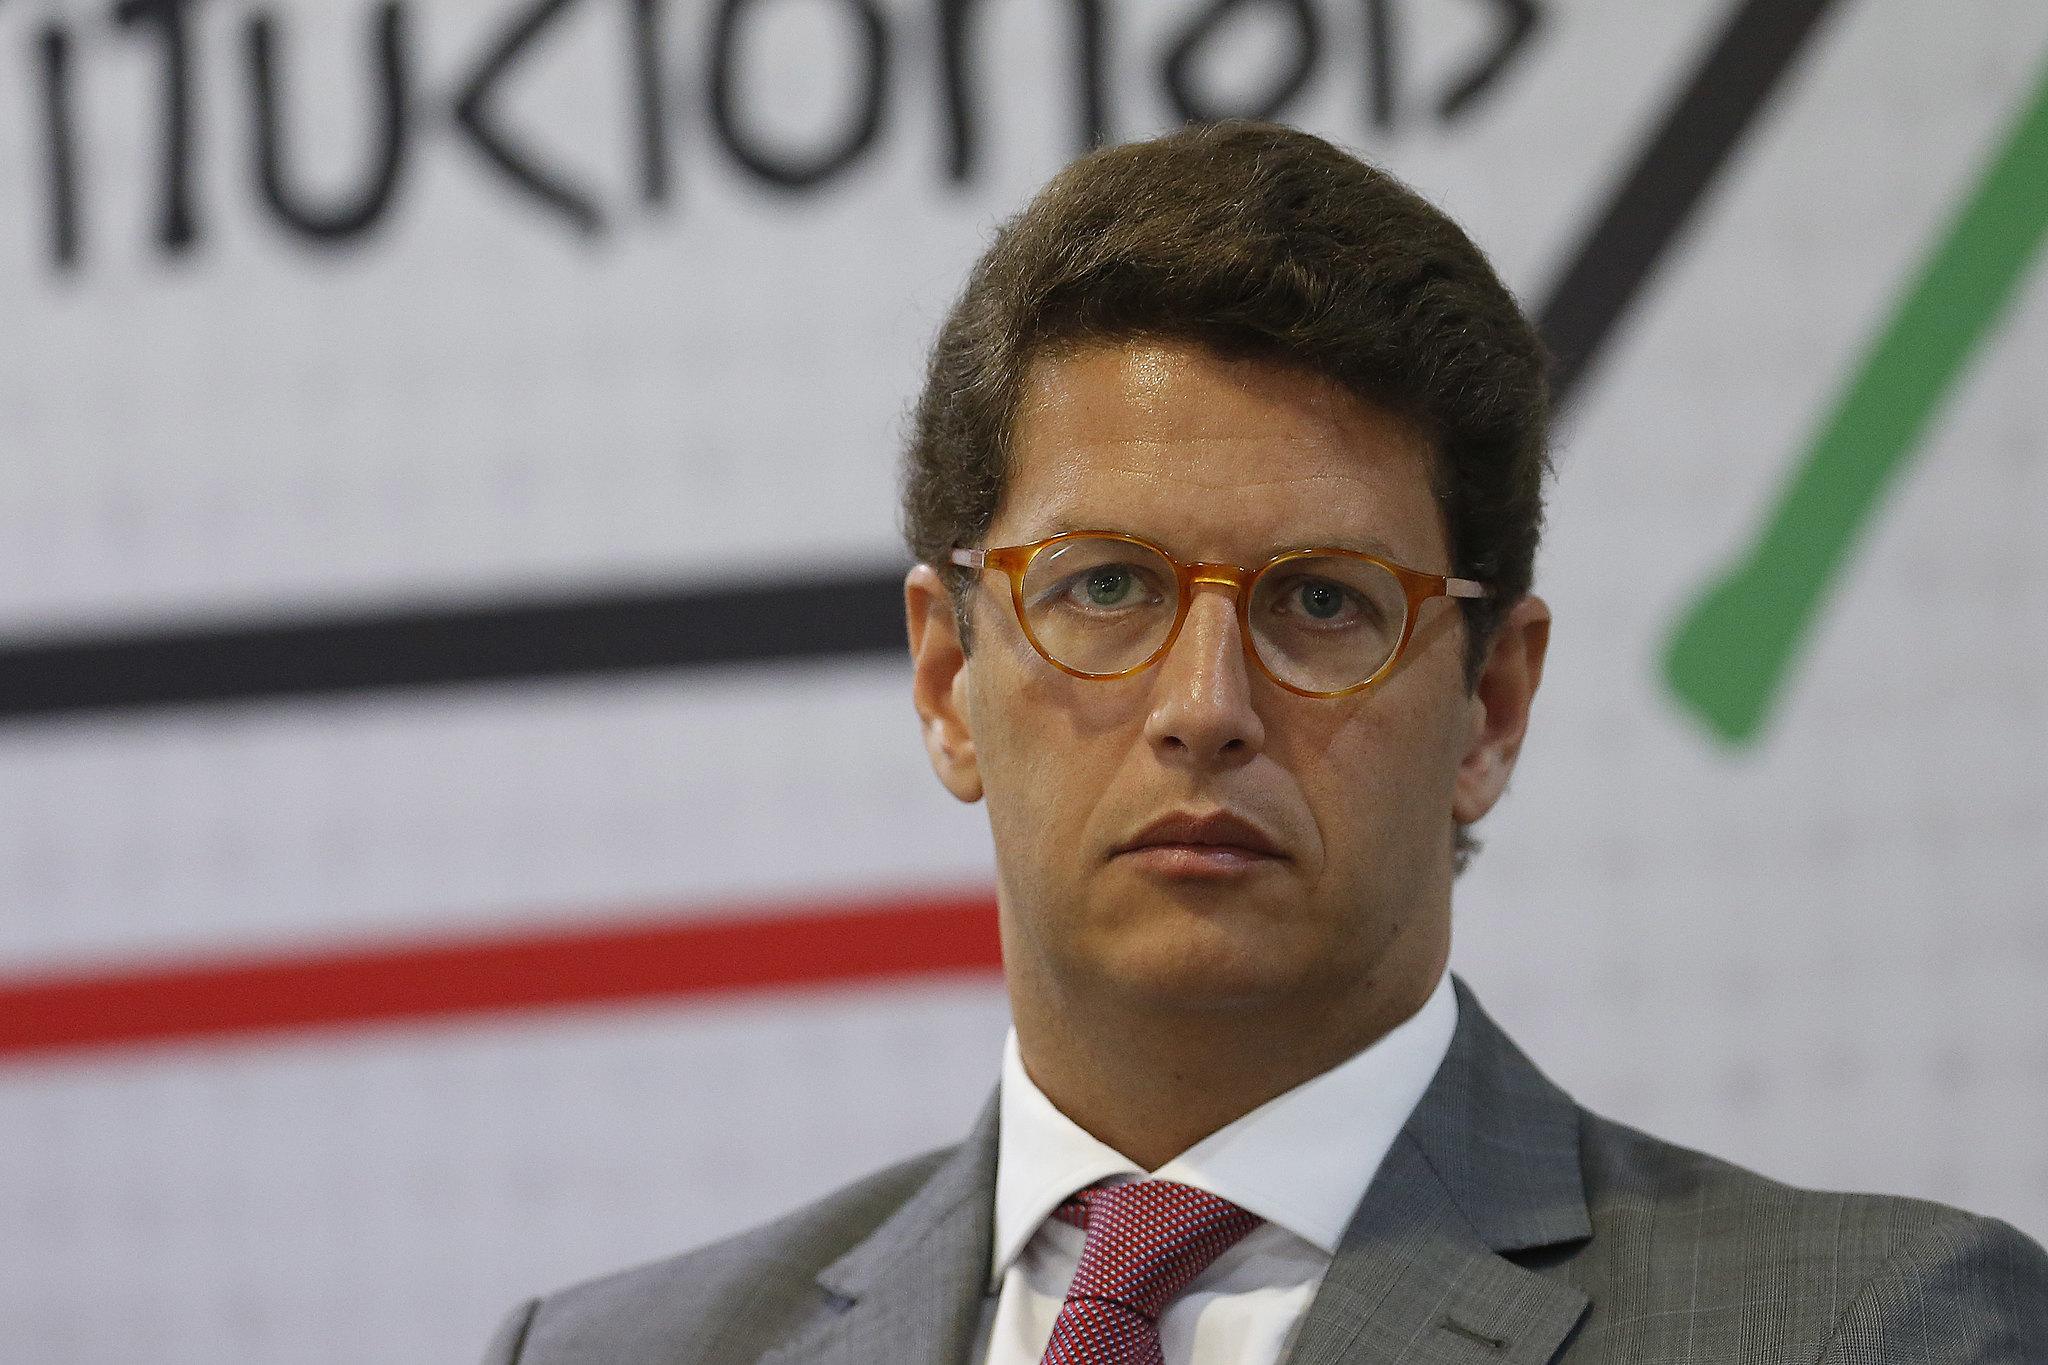 IMAGEM: Coordenador de Economia Verde do Ministério da Economia cai por pressão de Salles